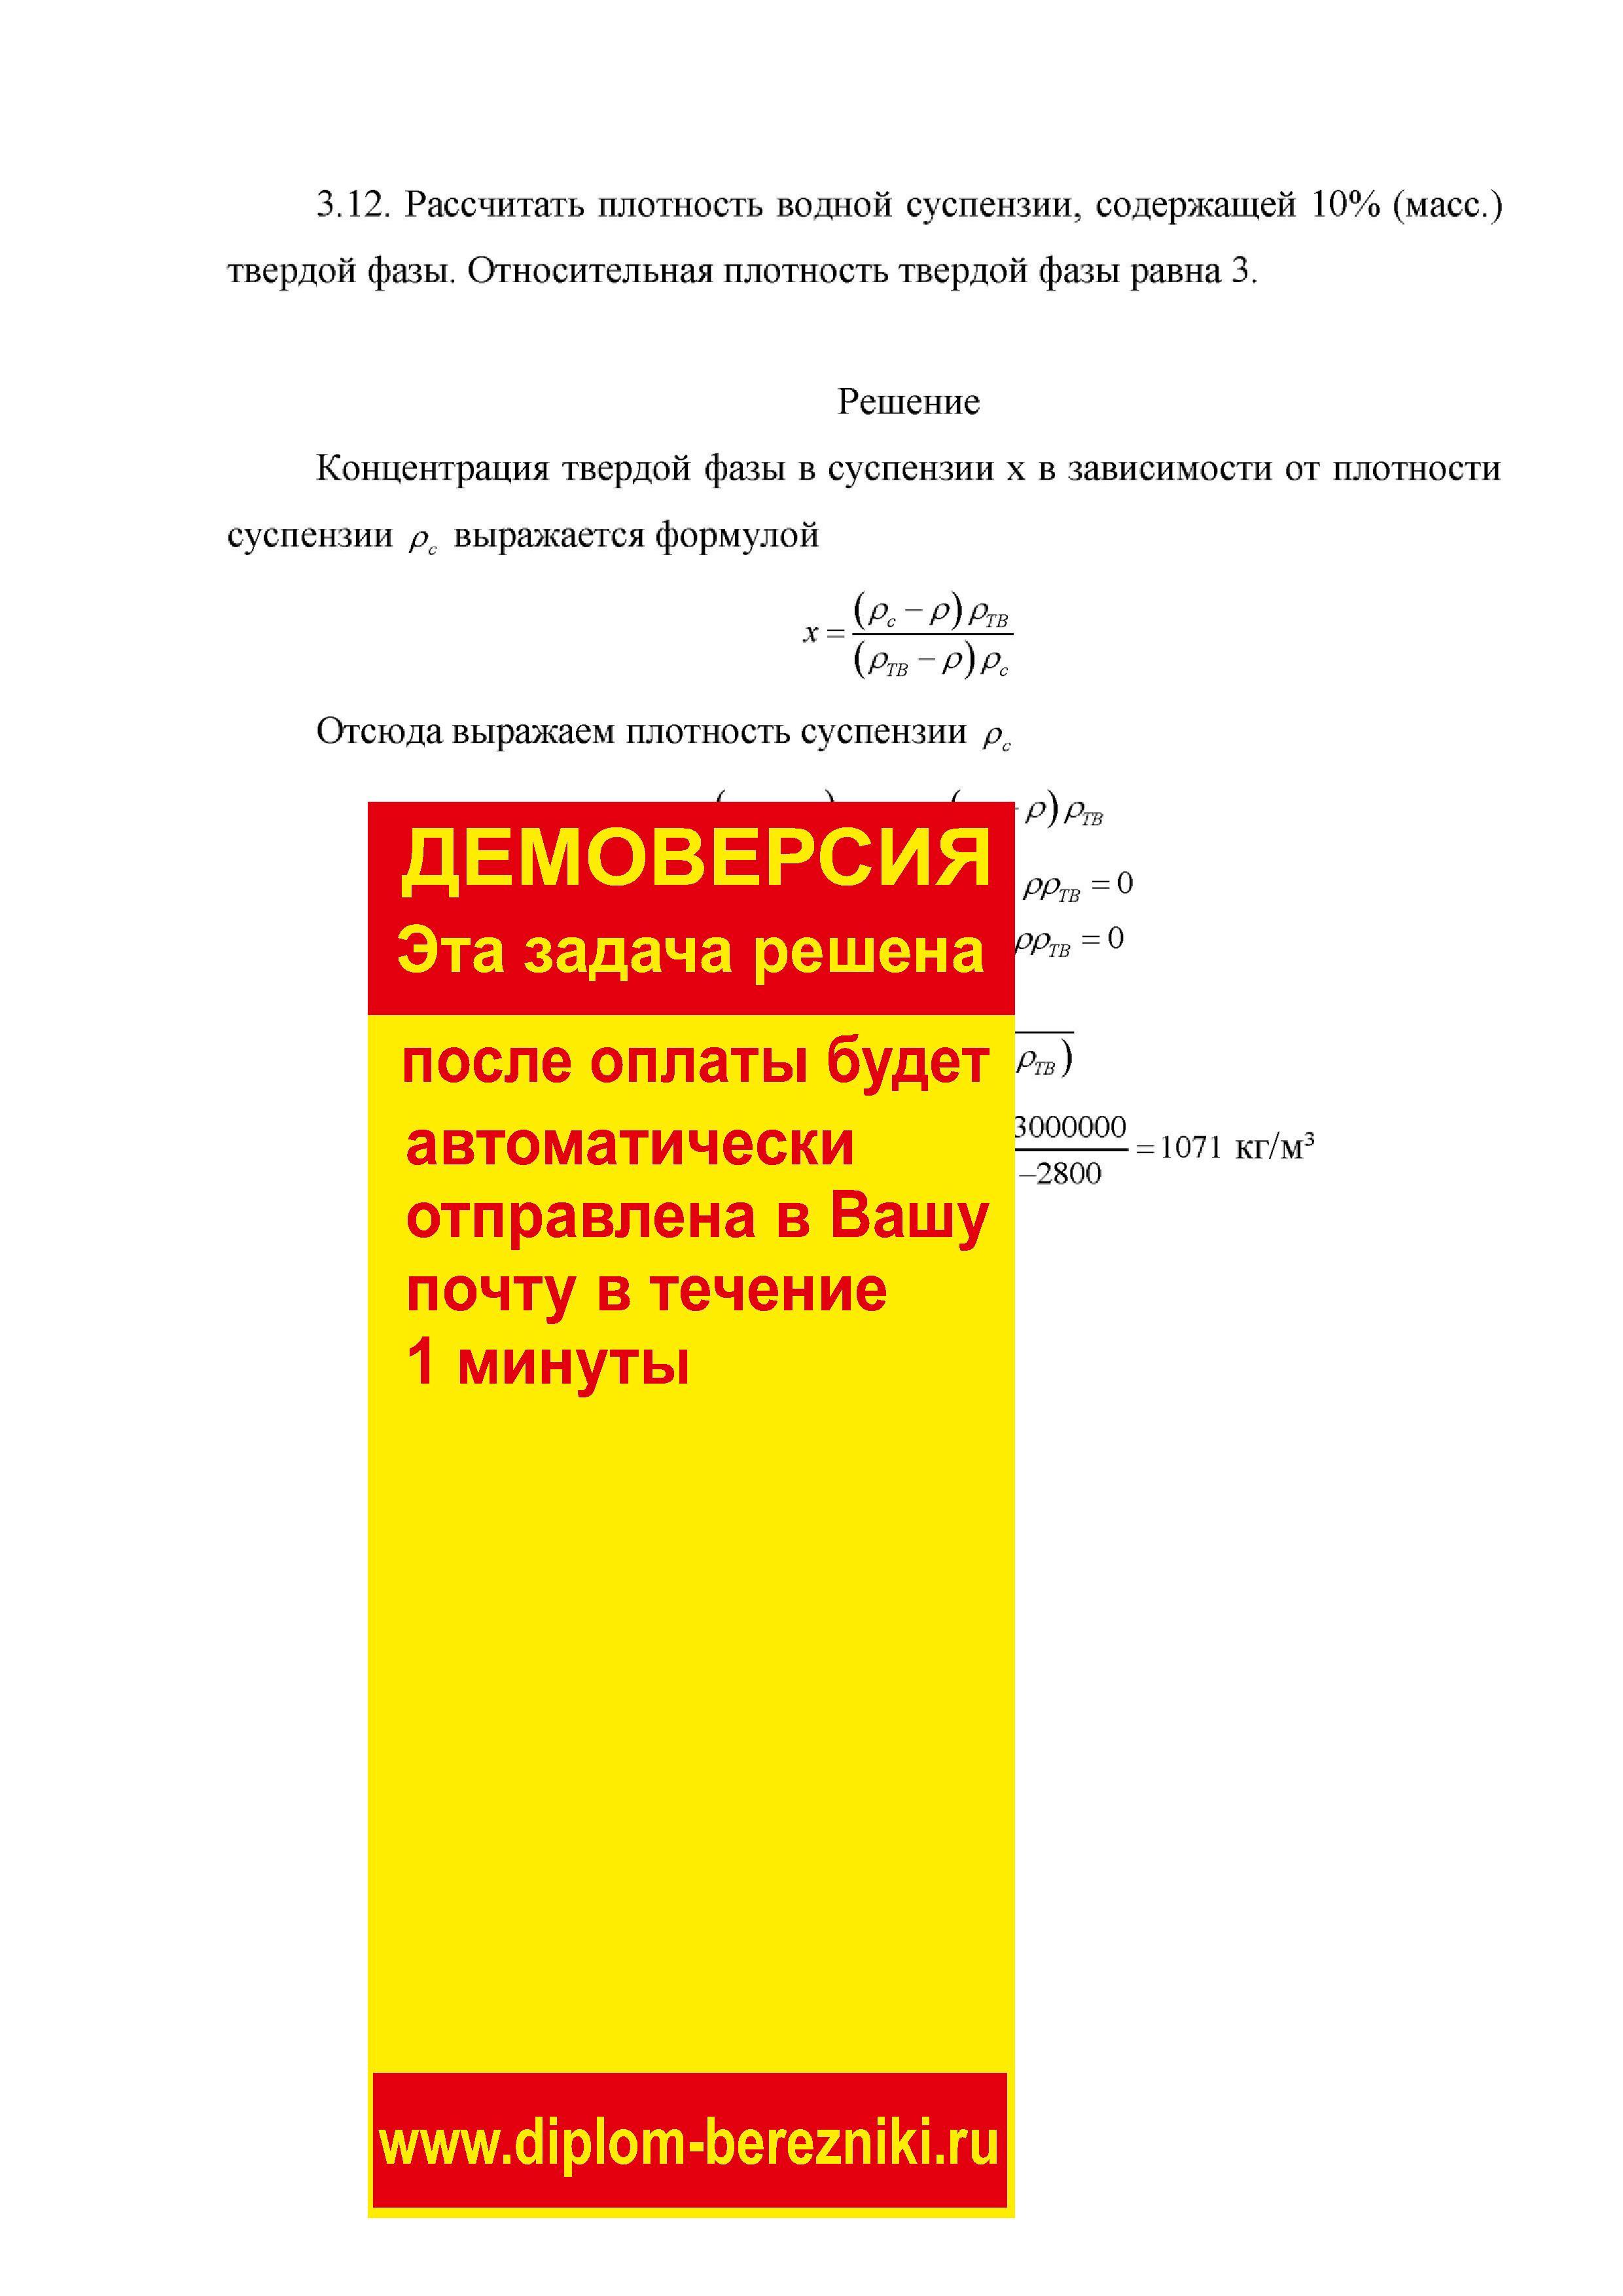 Решение задачи 3.12 по ПАХТ из задачника Павлова Романкова Носкова